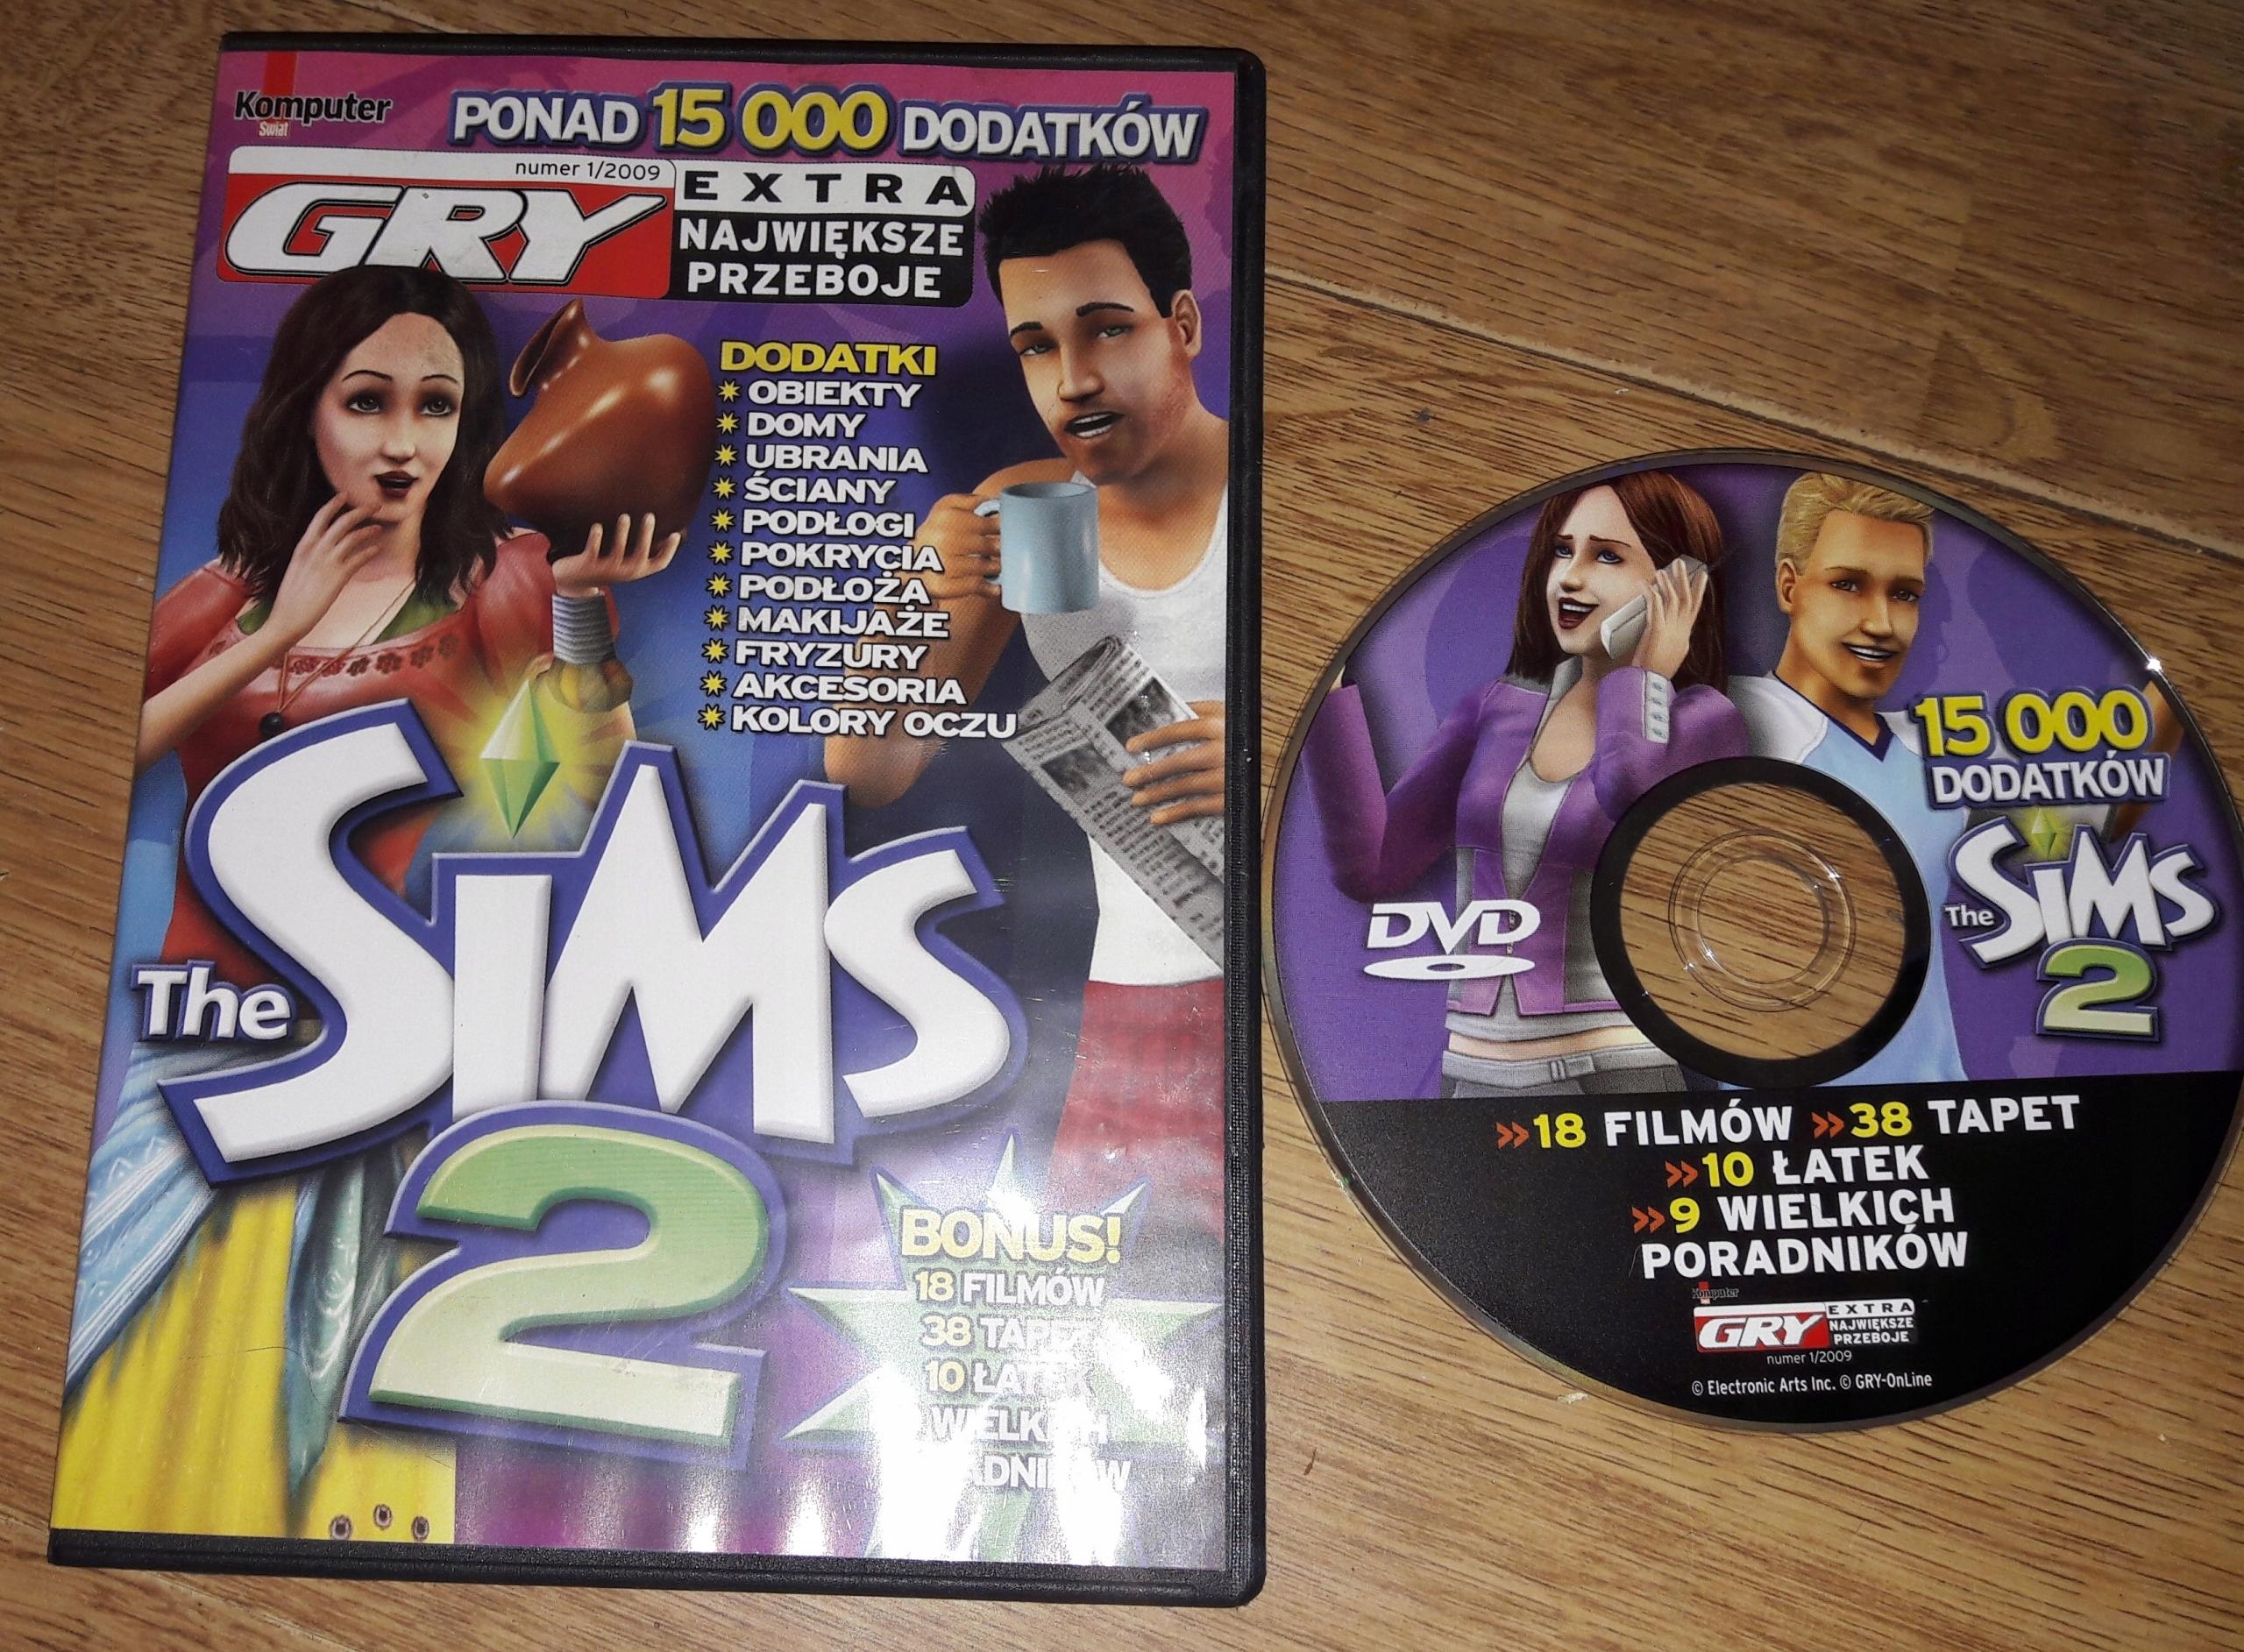 Ponad 15 000 Dodatków Do The Sims 2 Stan 56 7561802164